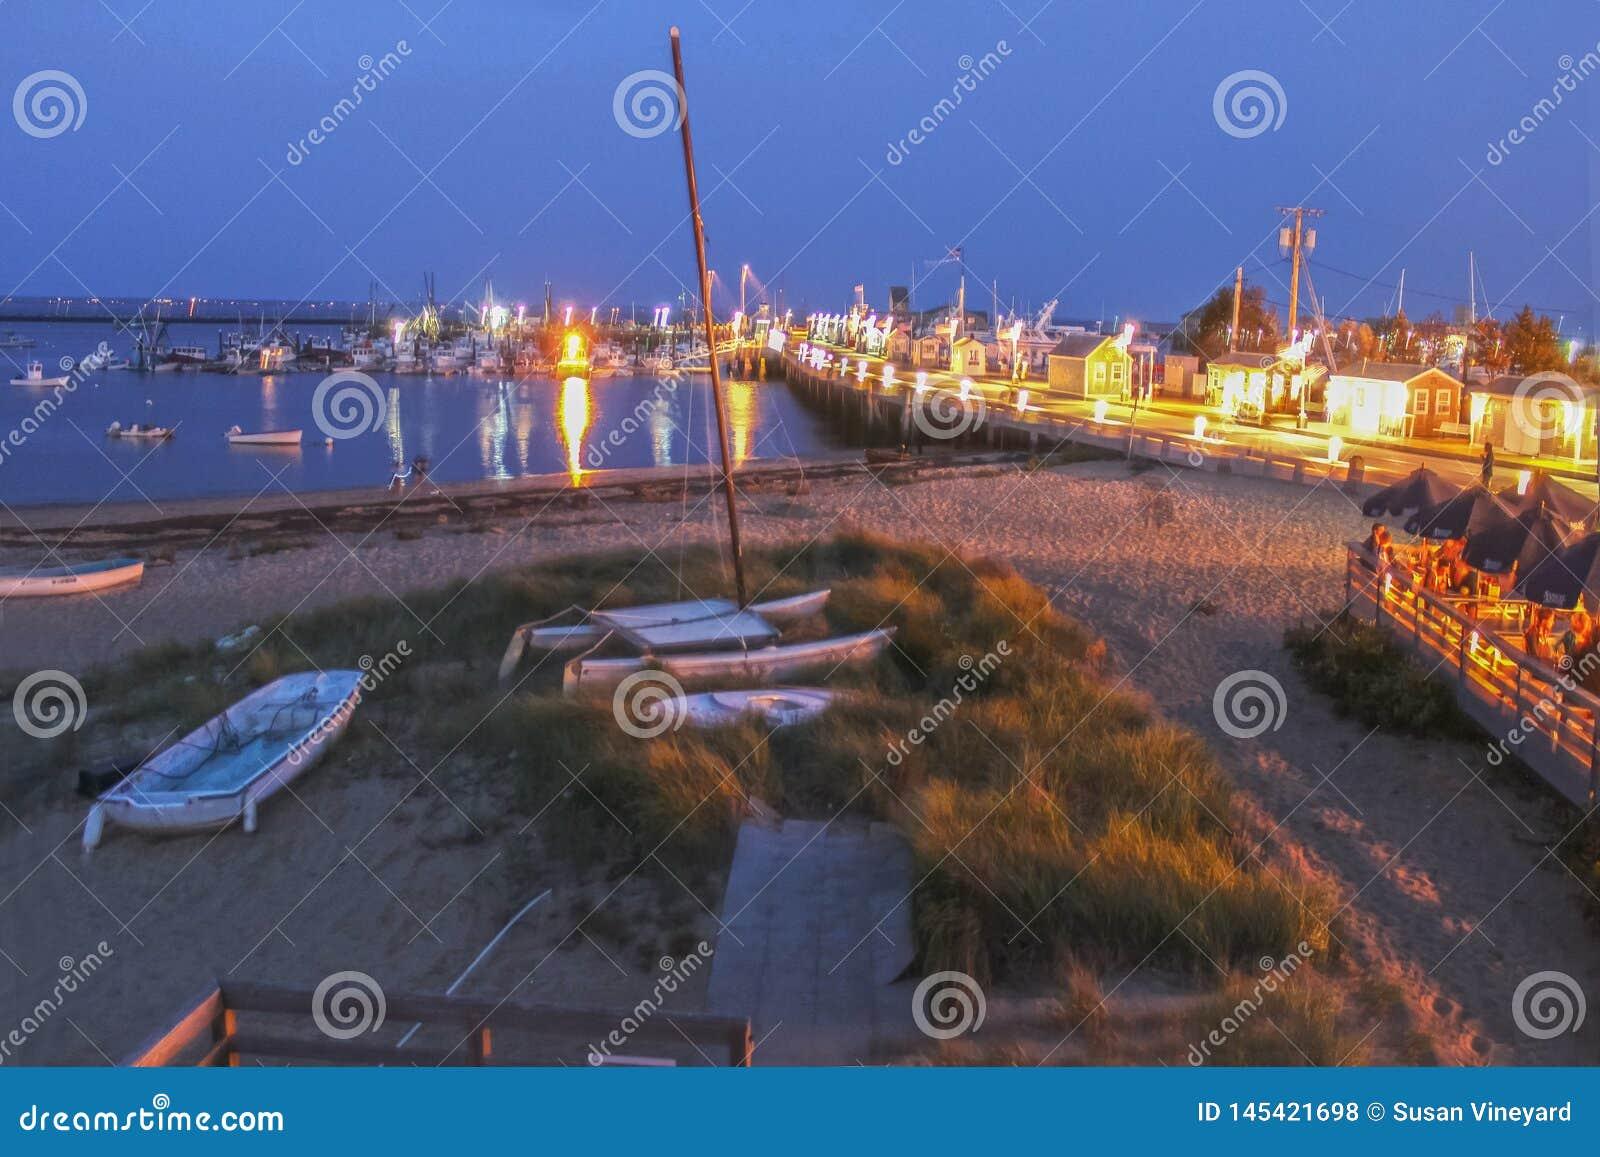 Cais de MacMillan na ponta de Cape Cod EUA na noite - um cubo ocupado para a pesca e as balsas - com os turistas na plataforma de